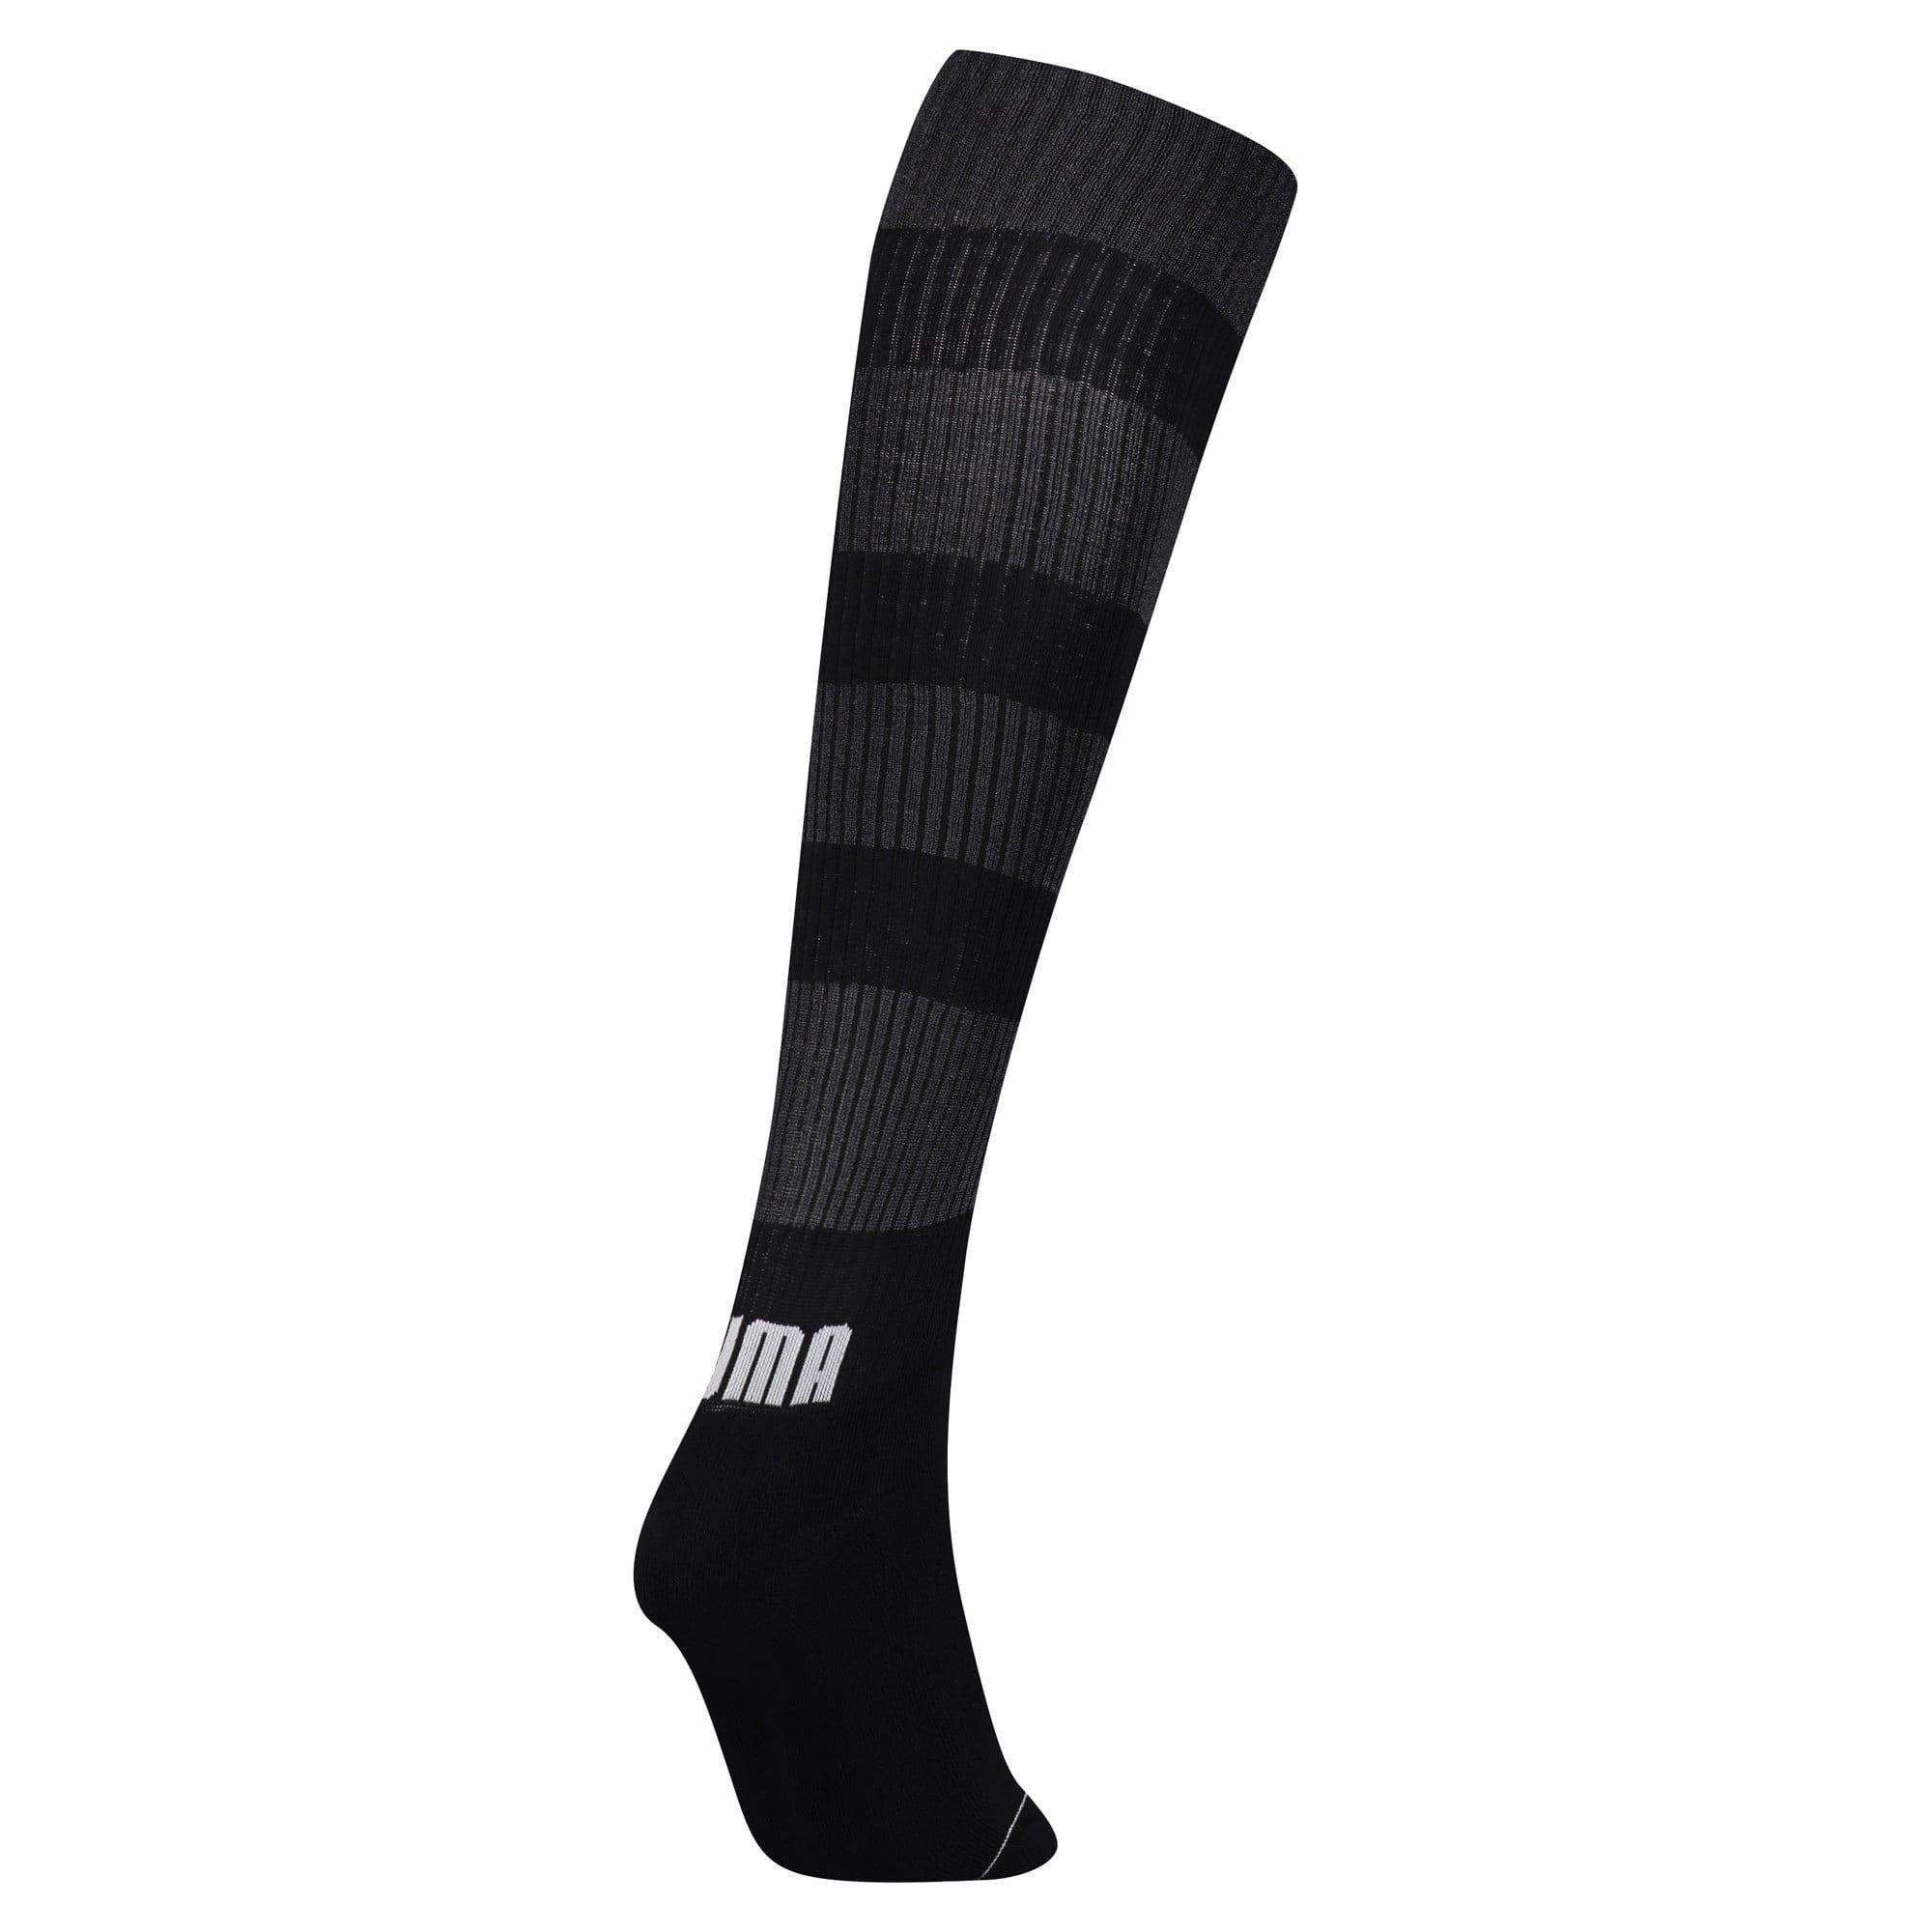 Thumbnail 2 of Radiant Women's Knee-High Socks, black, medium